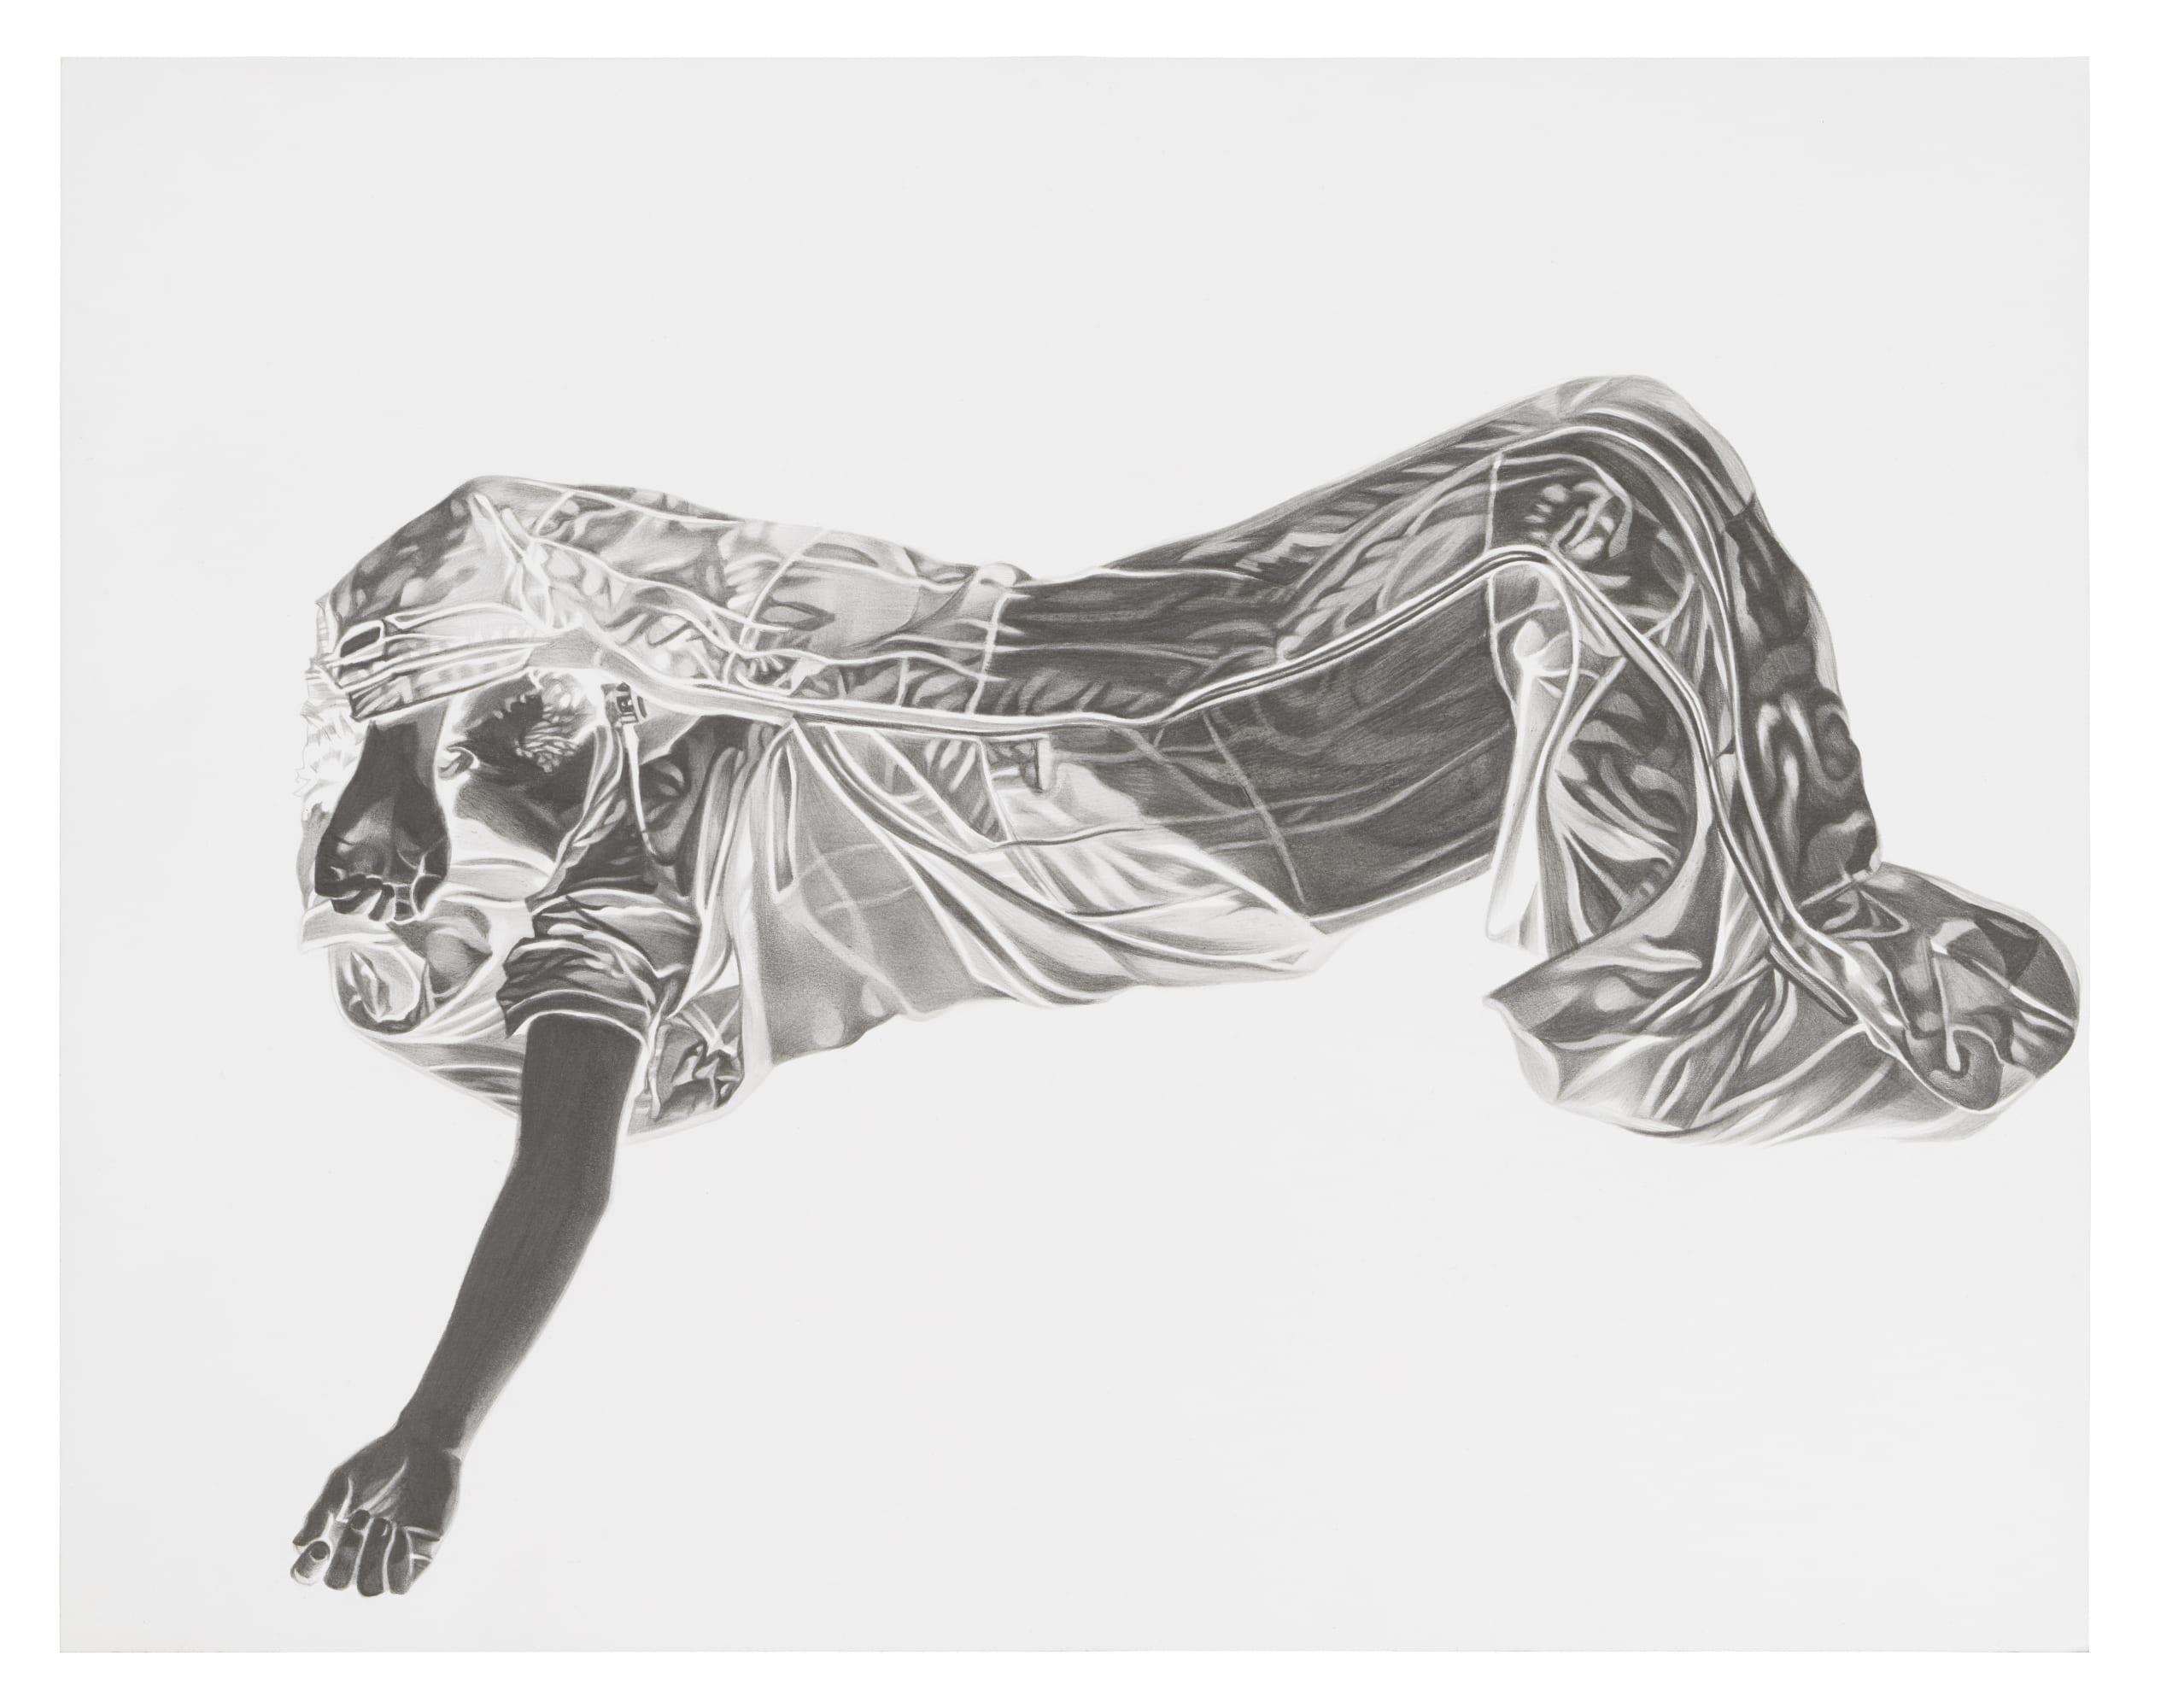 Marc Brandenburg, Untitled, 2019